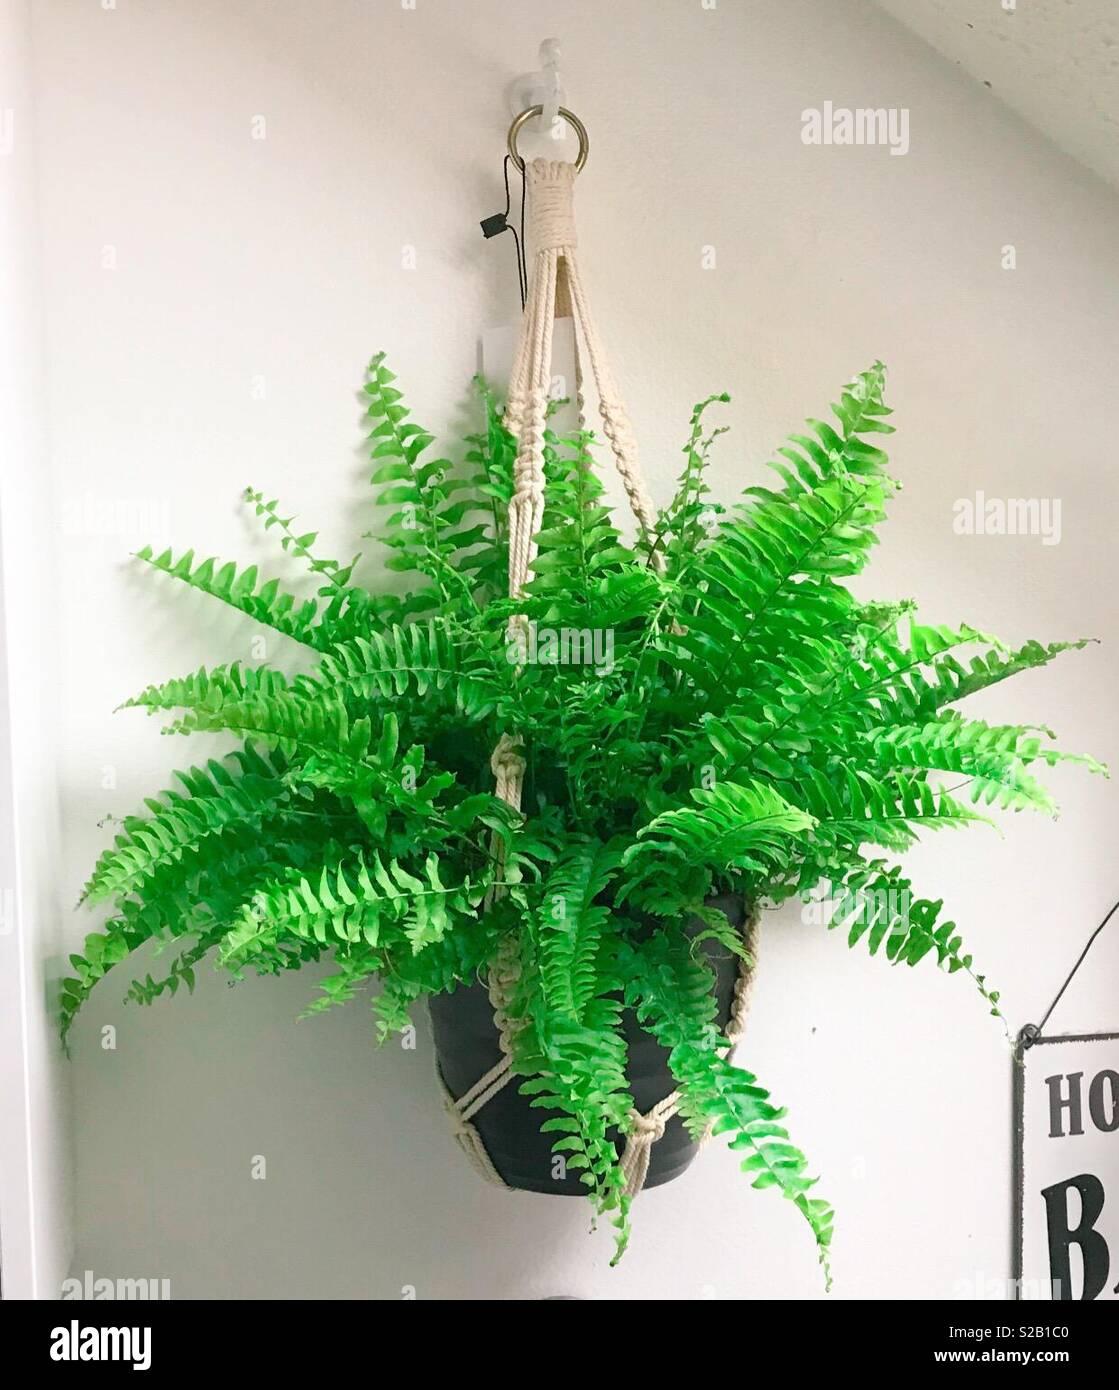 Farn Fürs Badezimmer | Hangende Farn Im Badezimmer Stockfoto Bild 311258528 Alamy